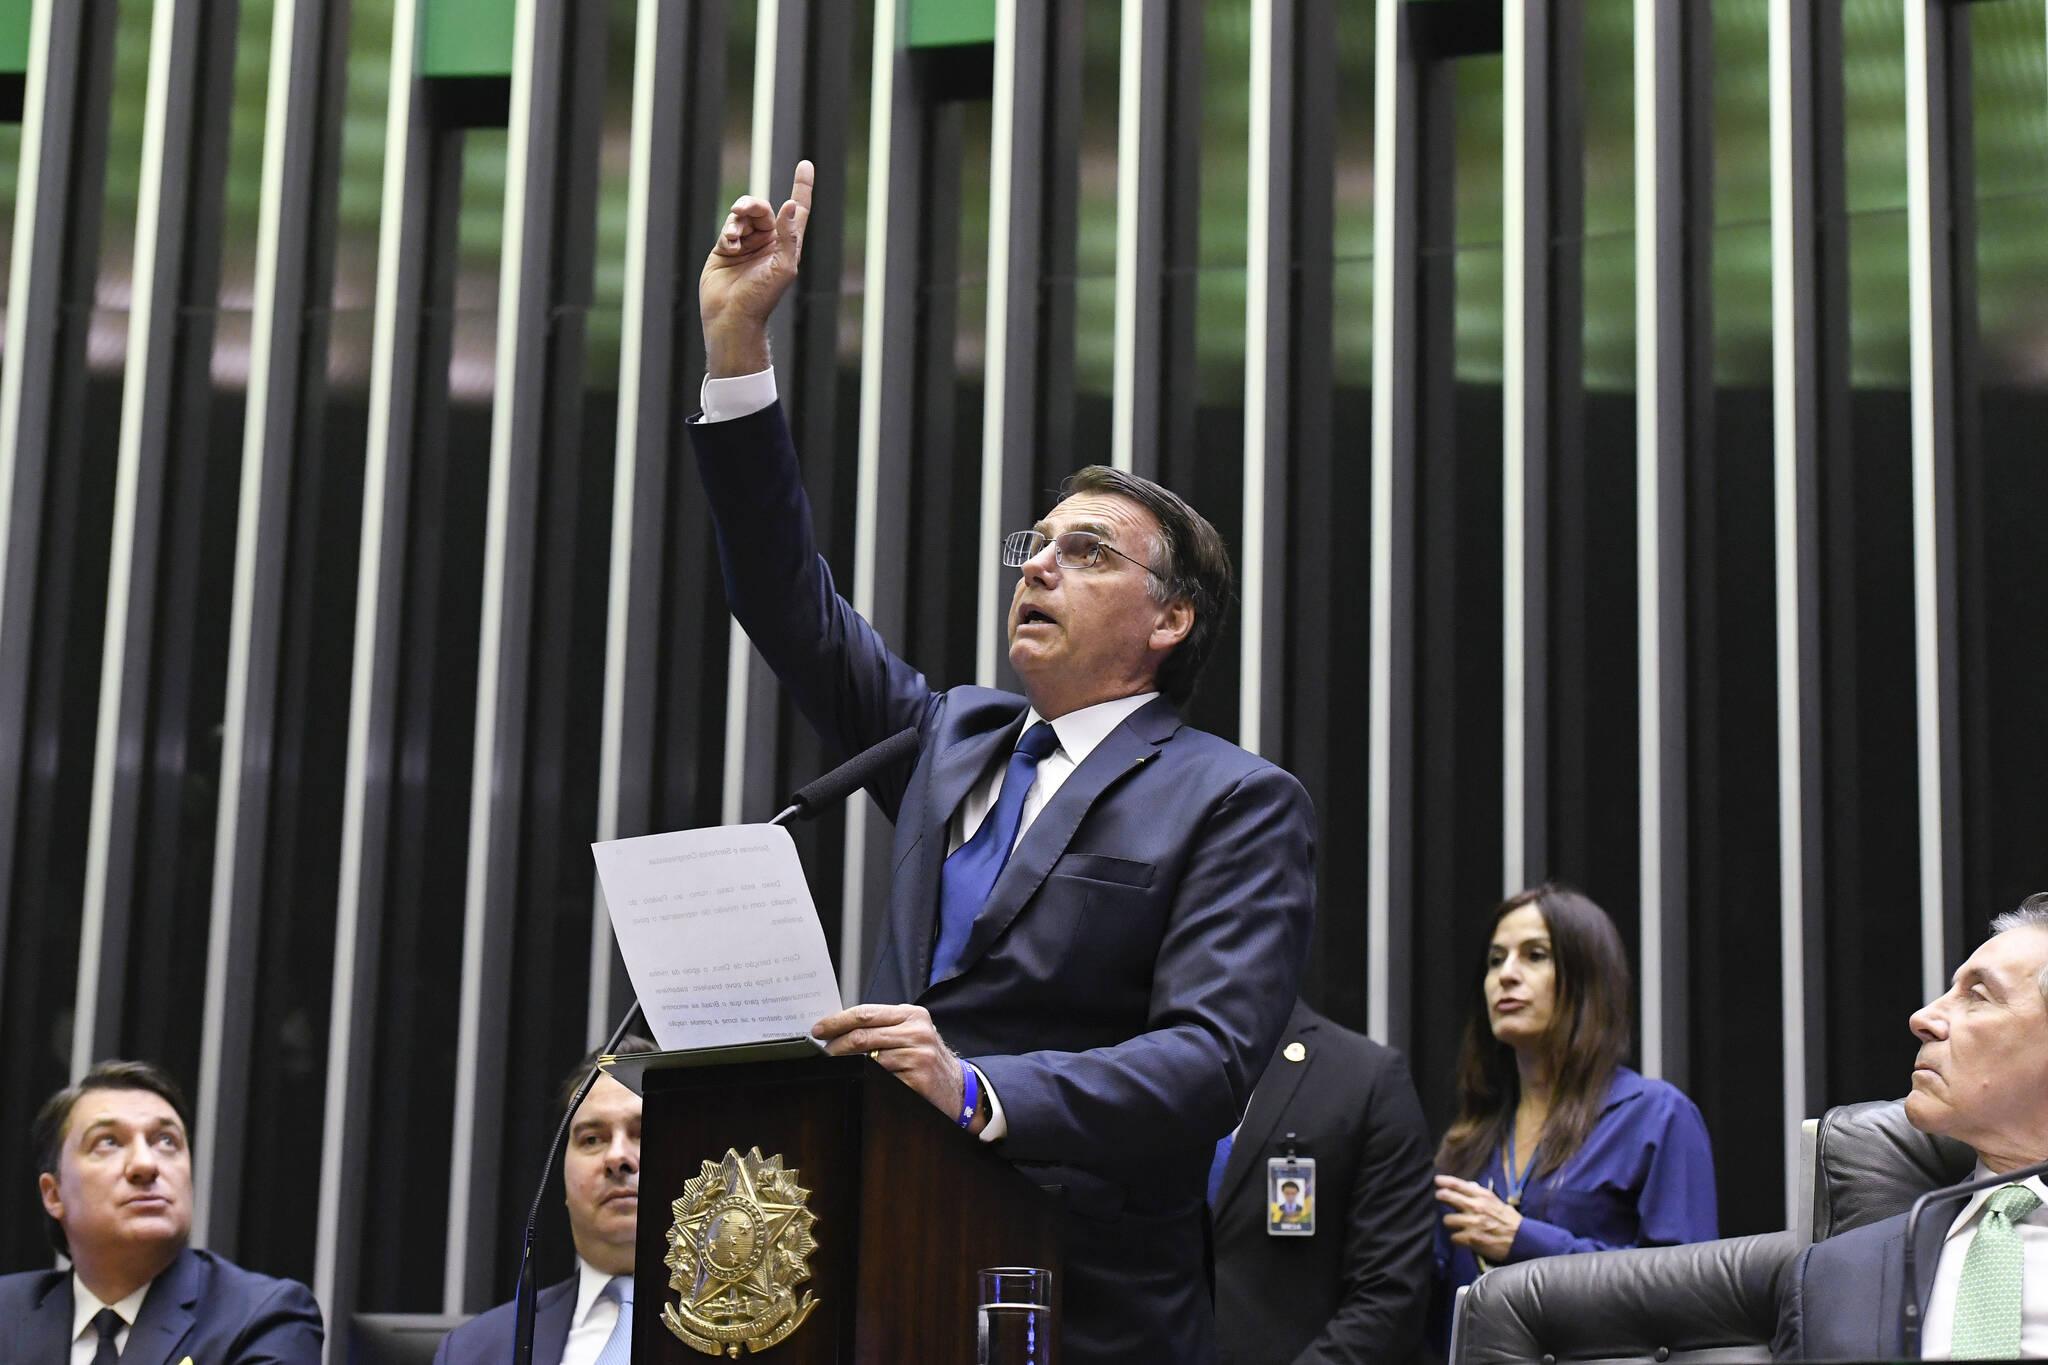 """""""Brasil acima de tudo, Deus acima de todos"""": lema de campanha foi repetido por Bolsonaro. Foto: Edilson Rodrigues/Agência Senado - 1.1.19"""